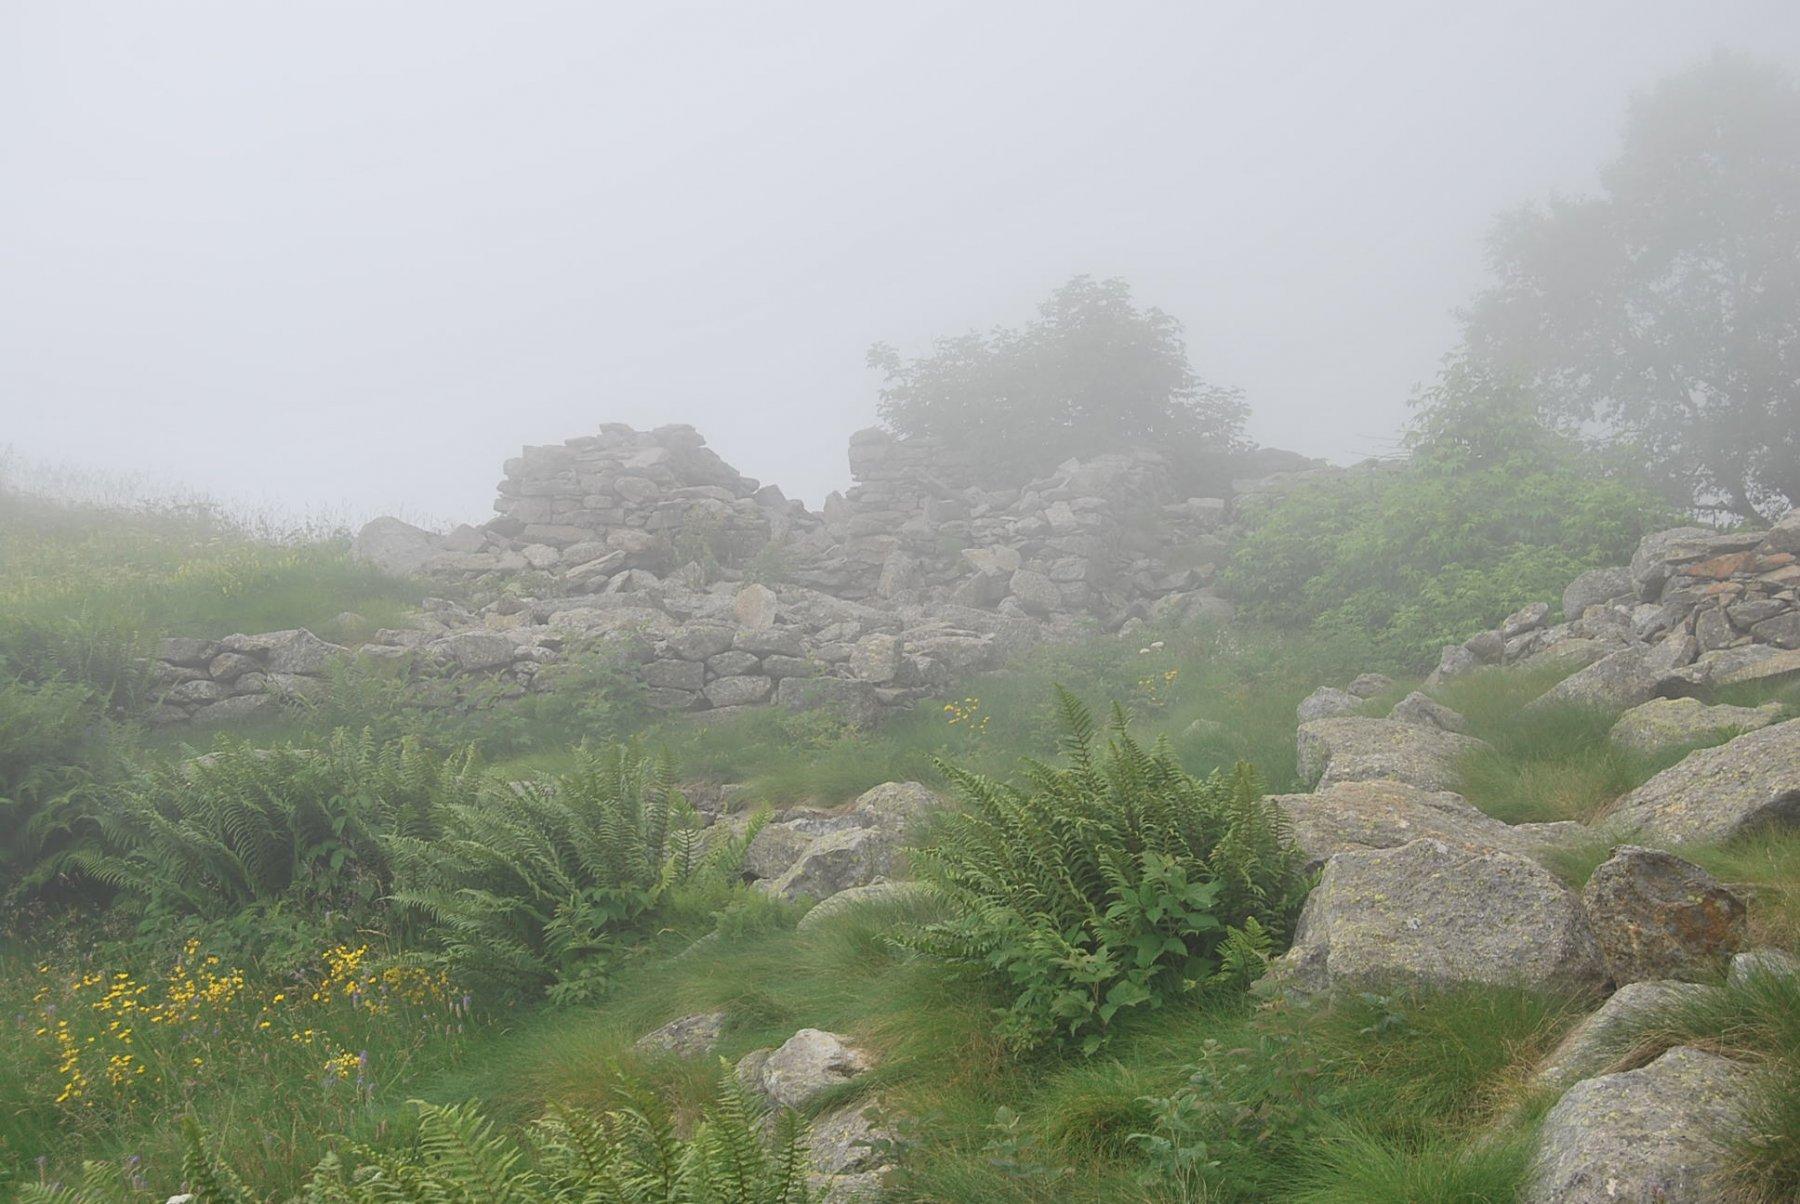 L'arrivo ai ruderi dell'alpe La Vecchia inferiore, con visibilità ridotta al minimo